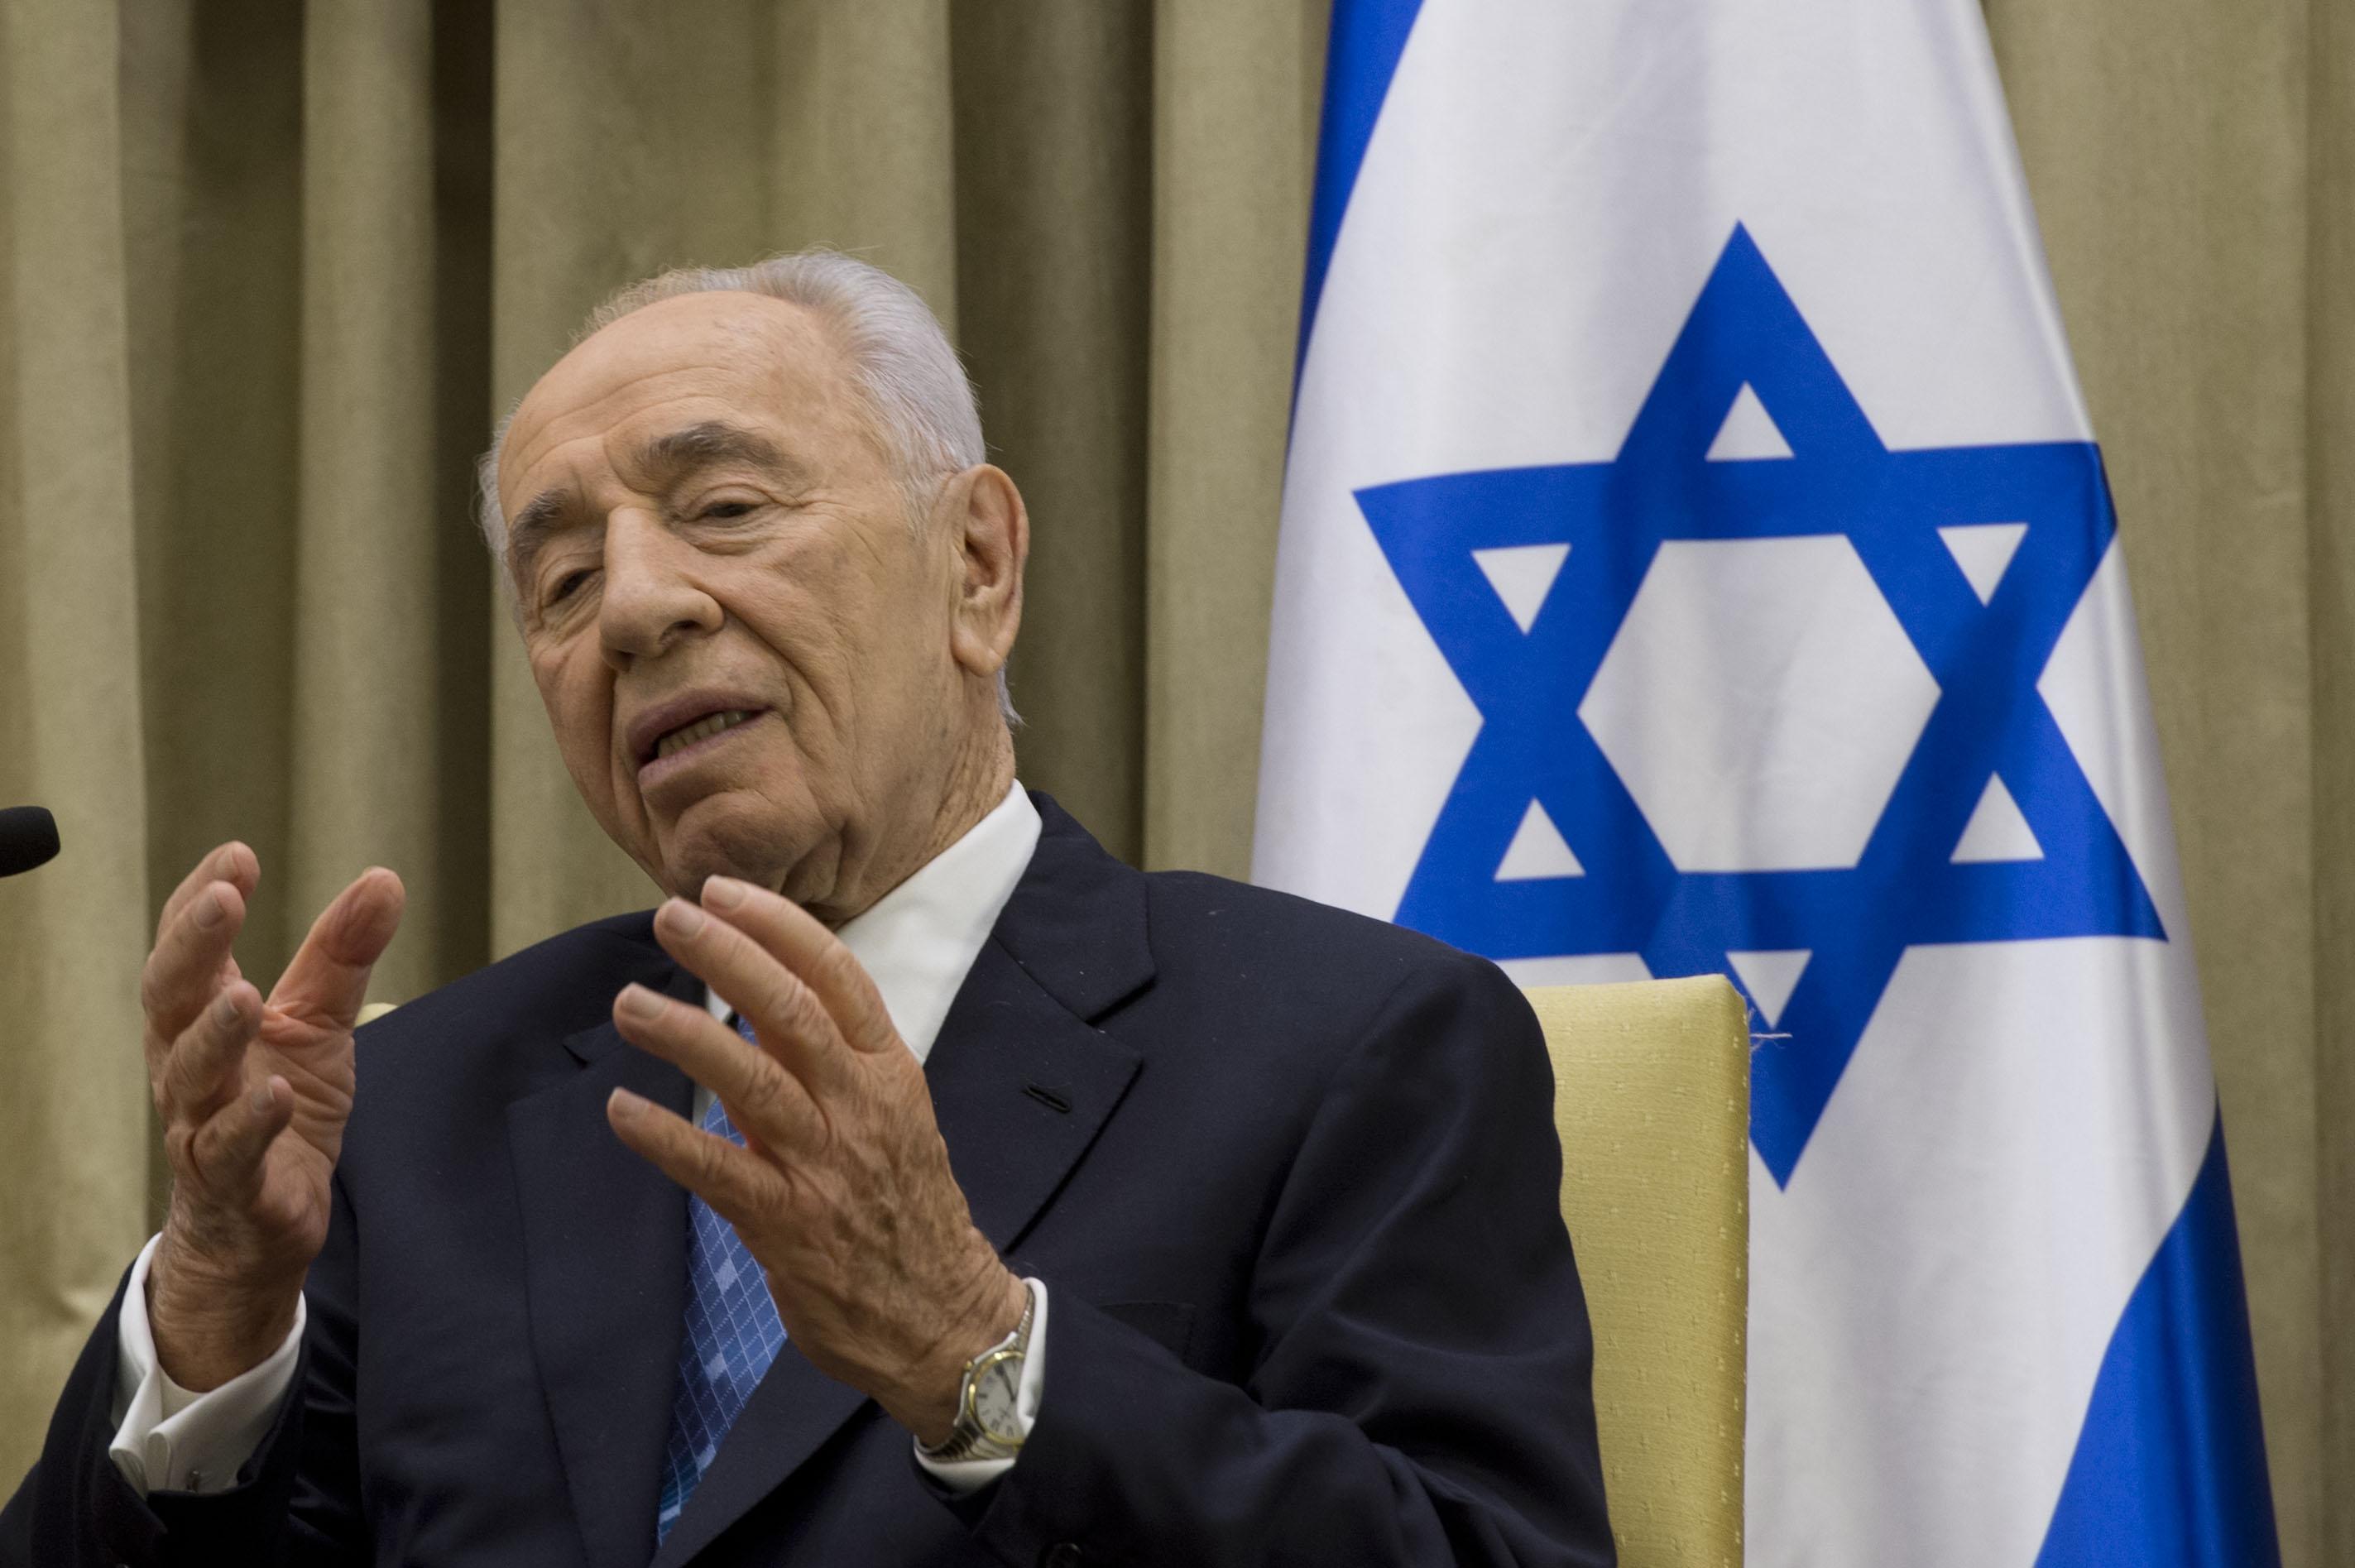 נשיאי ישראל לפי הסדר